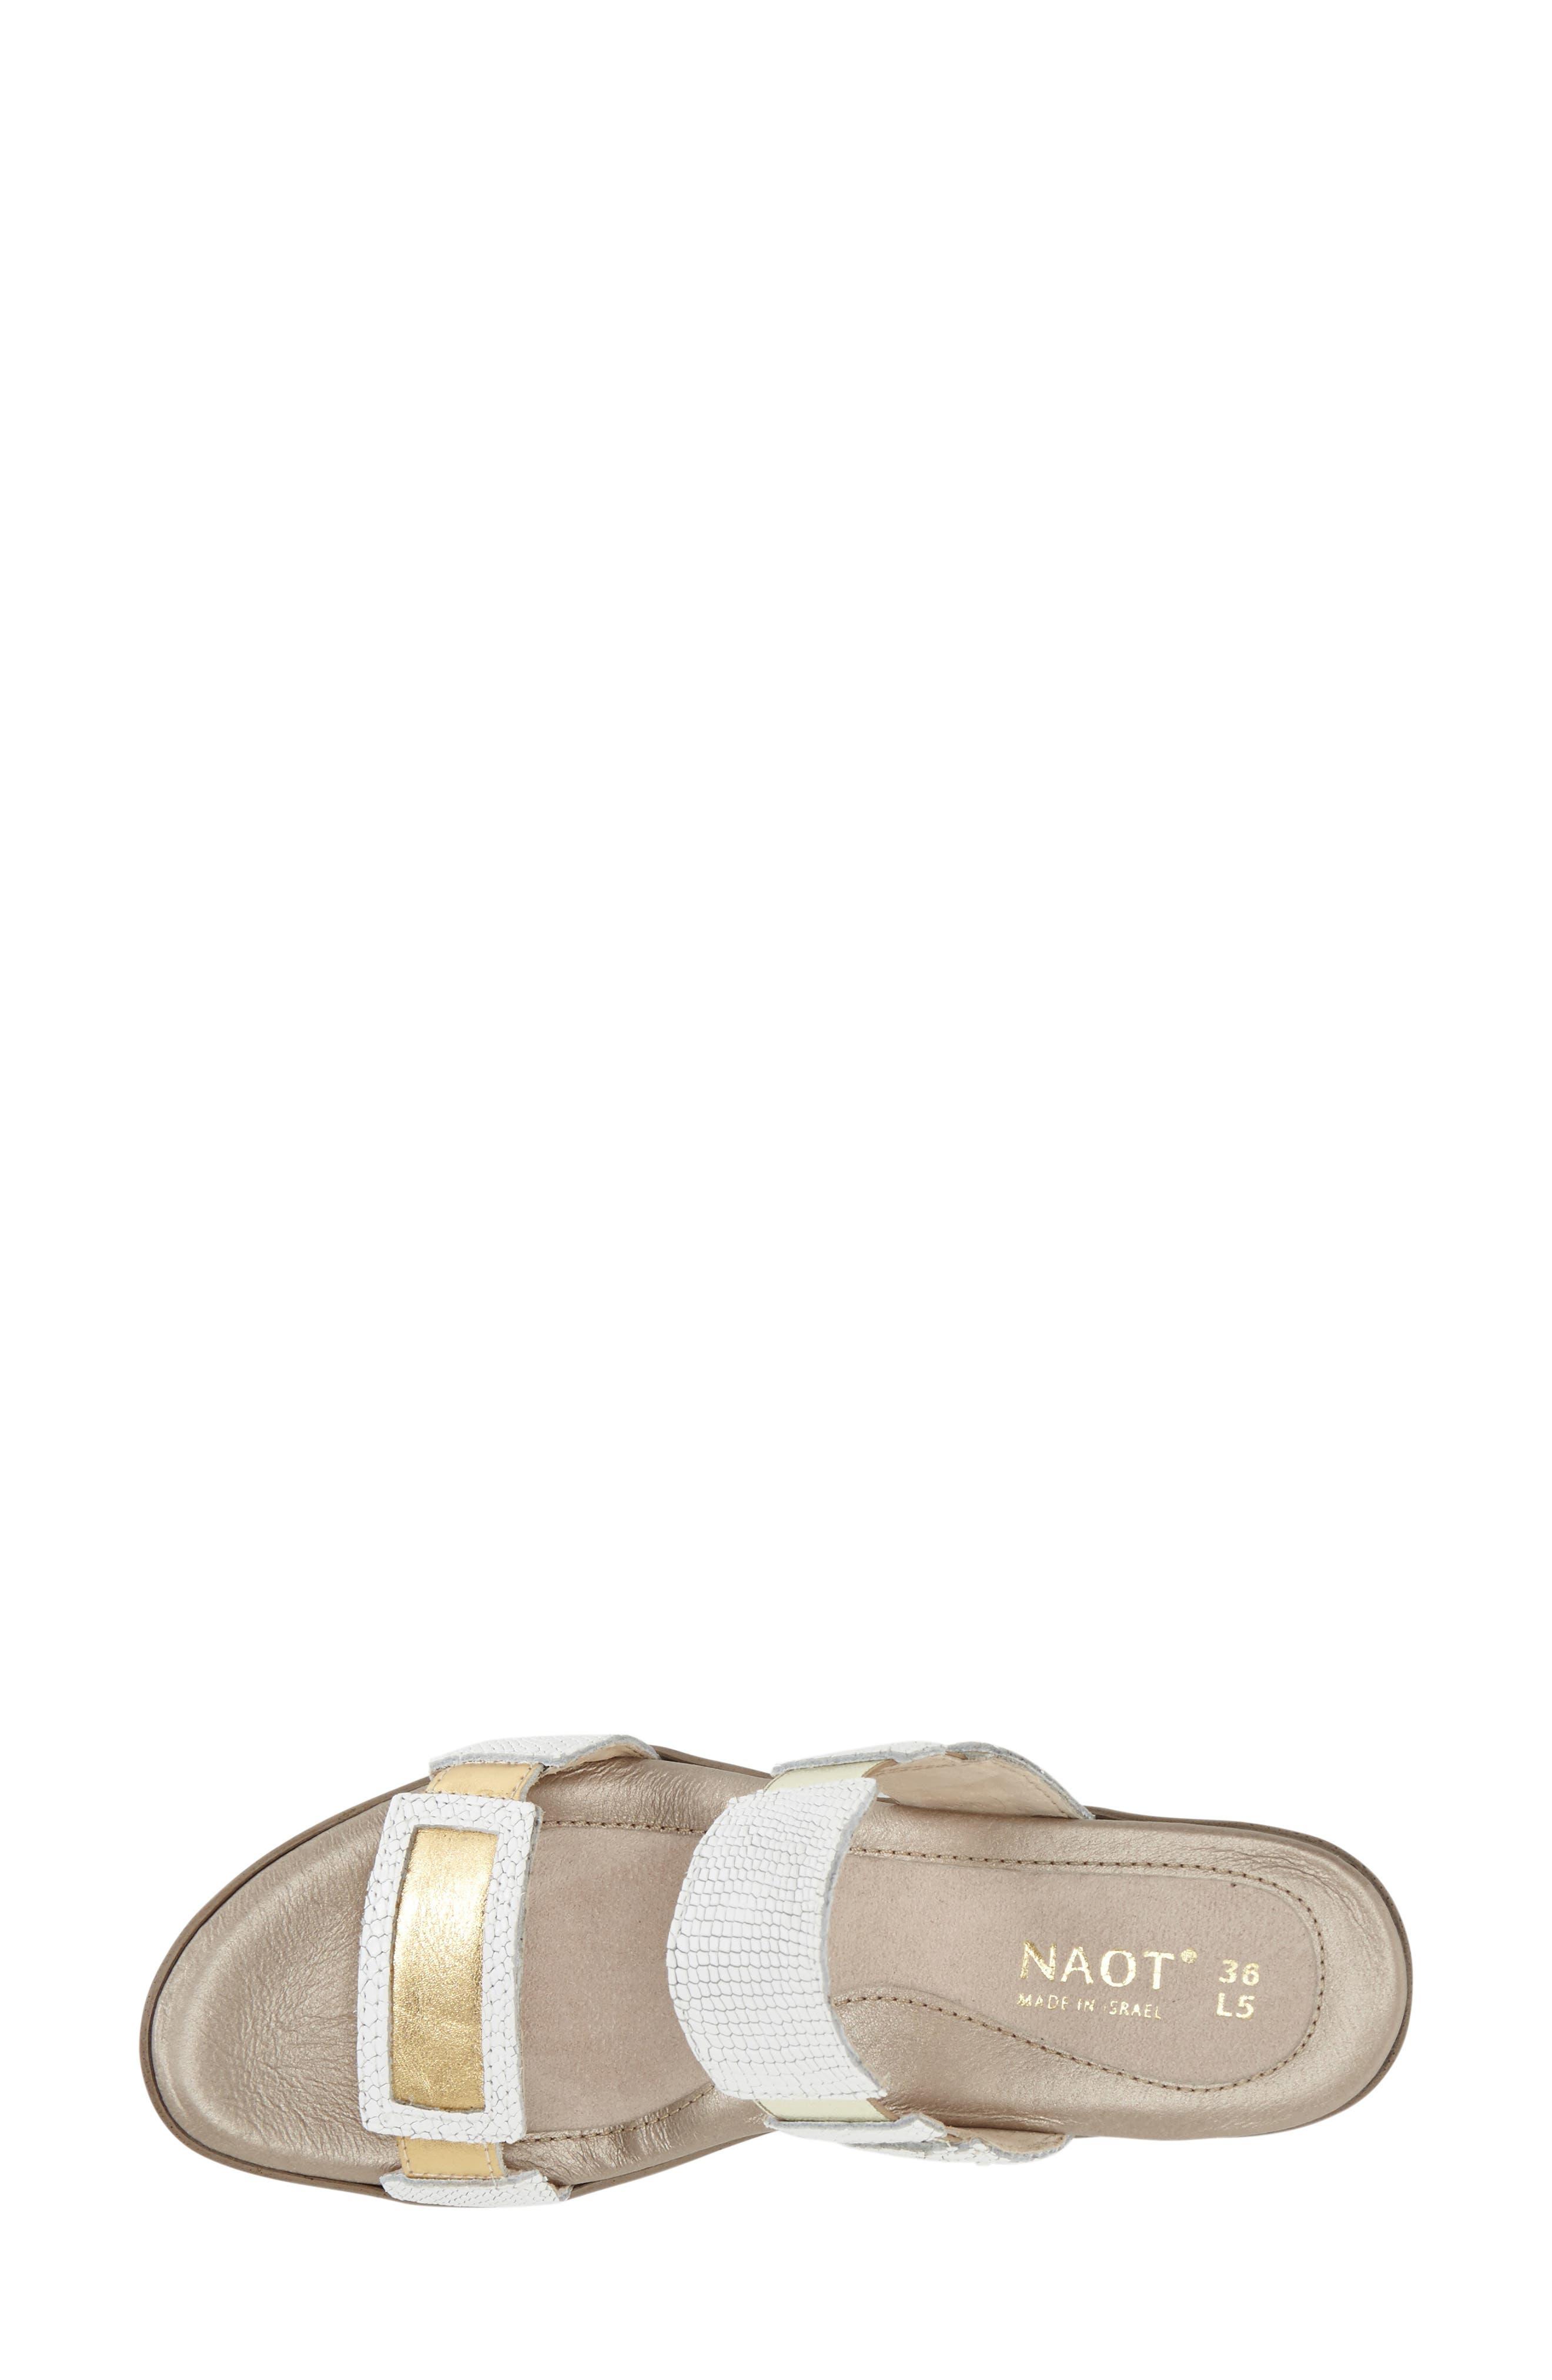 'Treasure' Sandal,                             Alternate thumbnail 2, color,                             WHITE GOLD SNAKE LEATHER